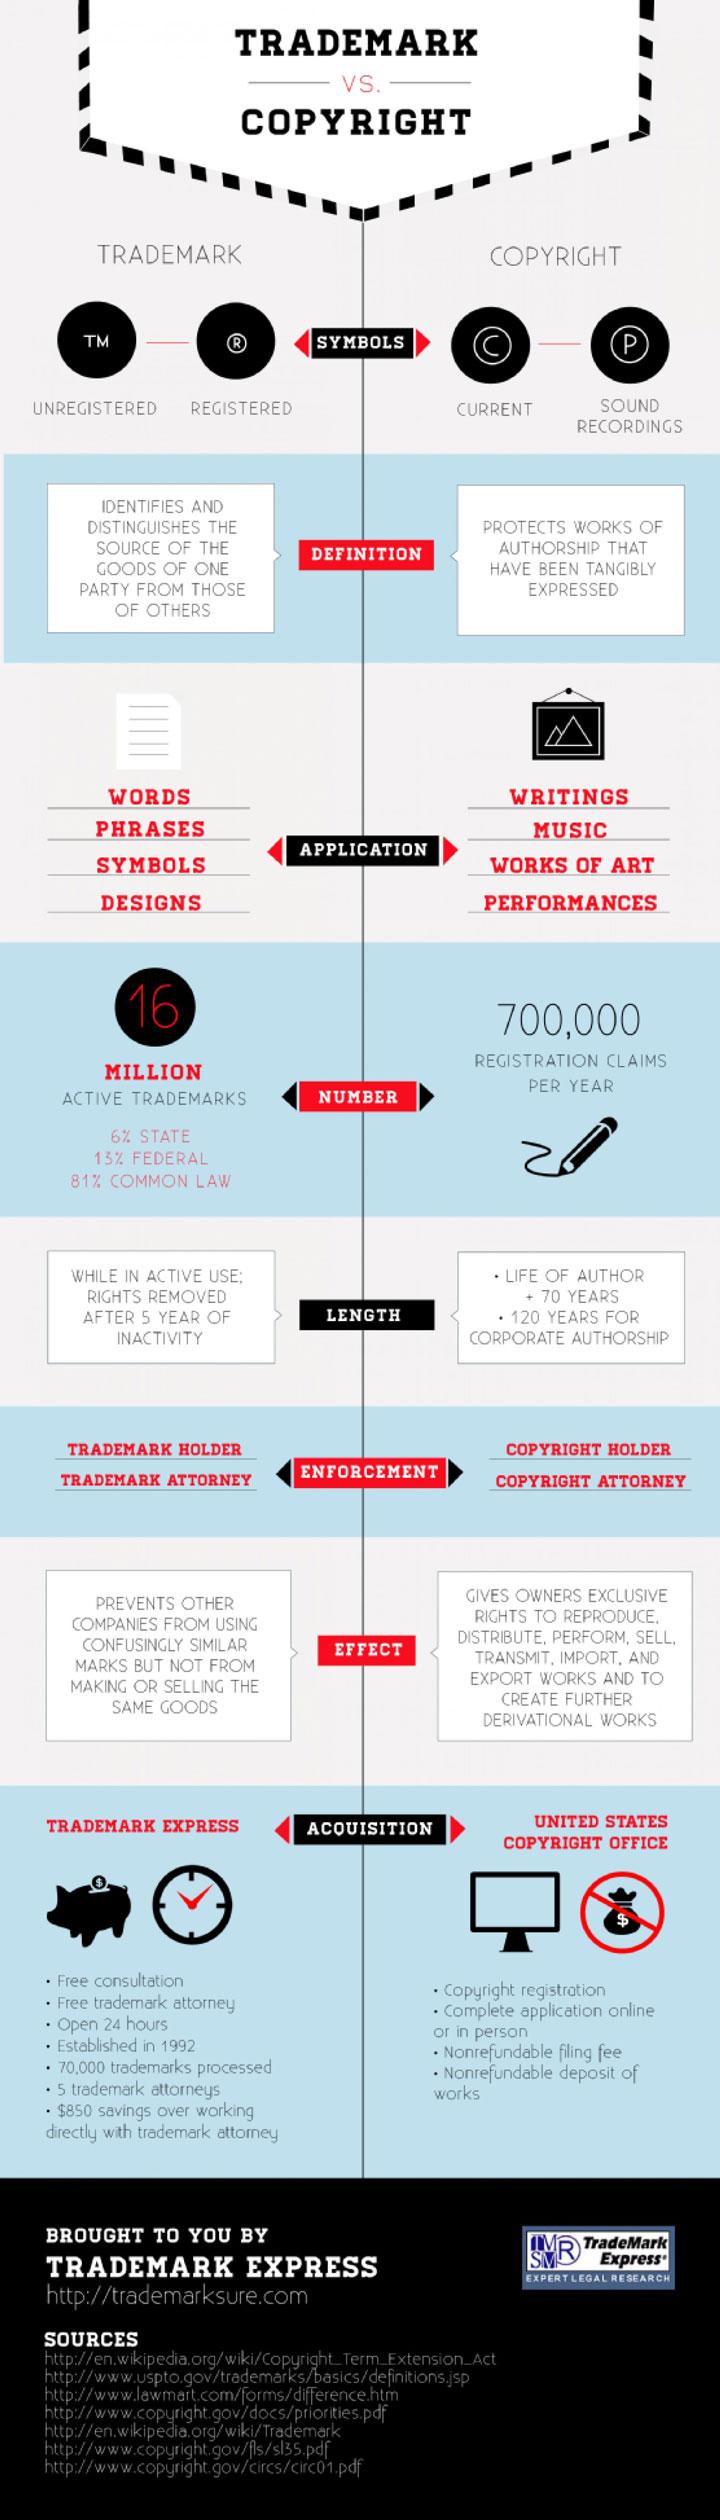 Trademark-vs-Copyright